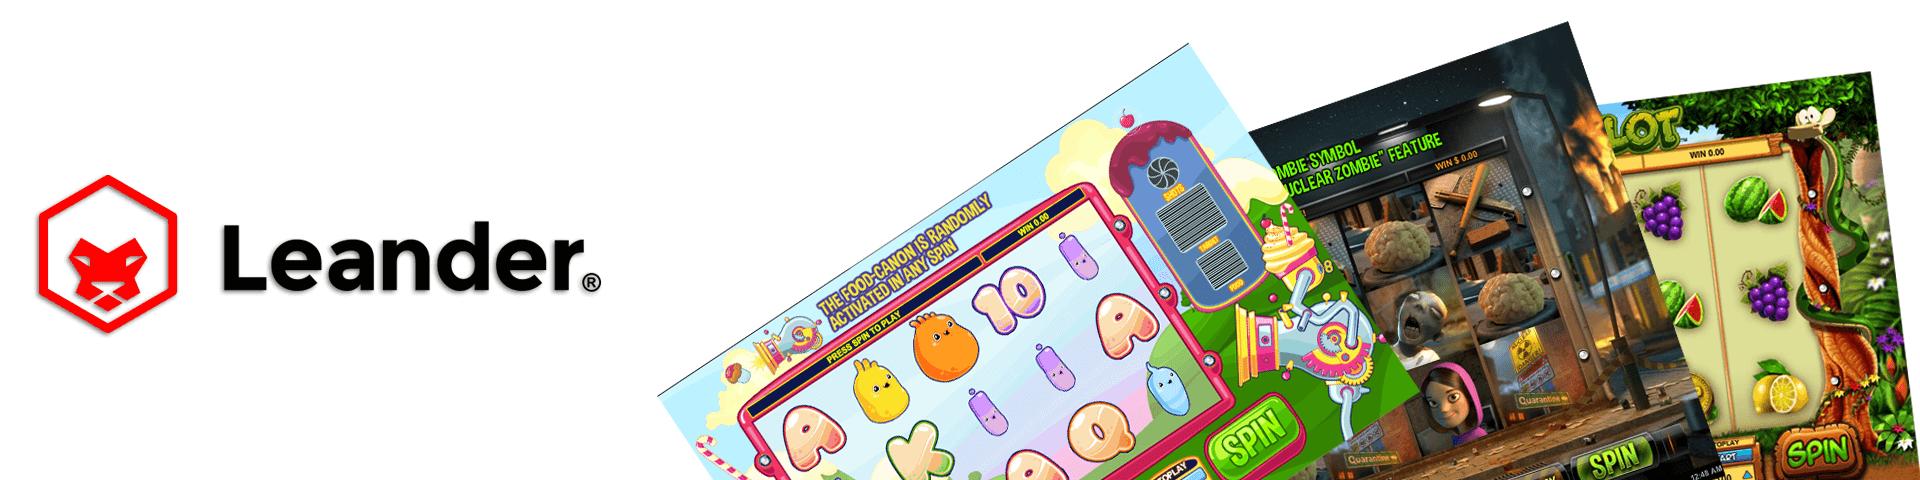 spilleautomater-Leander Games-himmelspill-slider